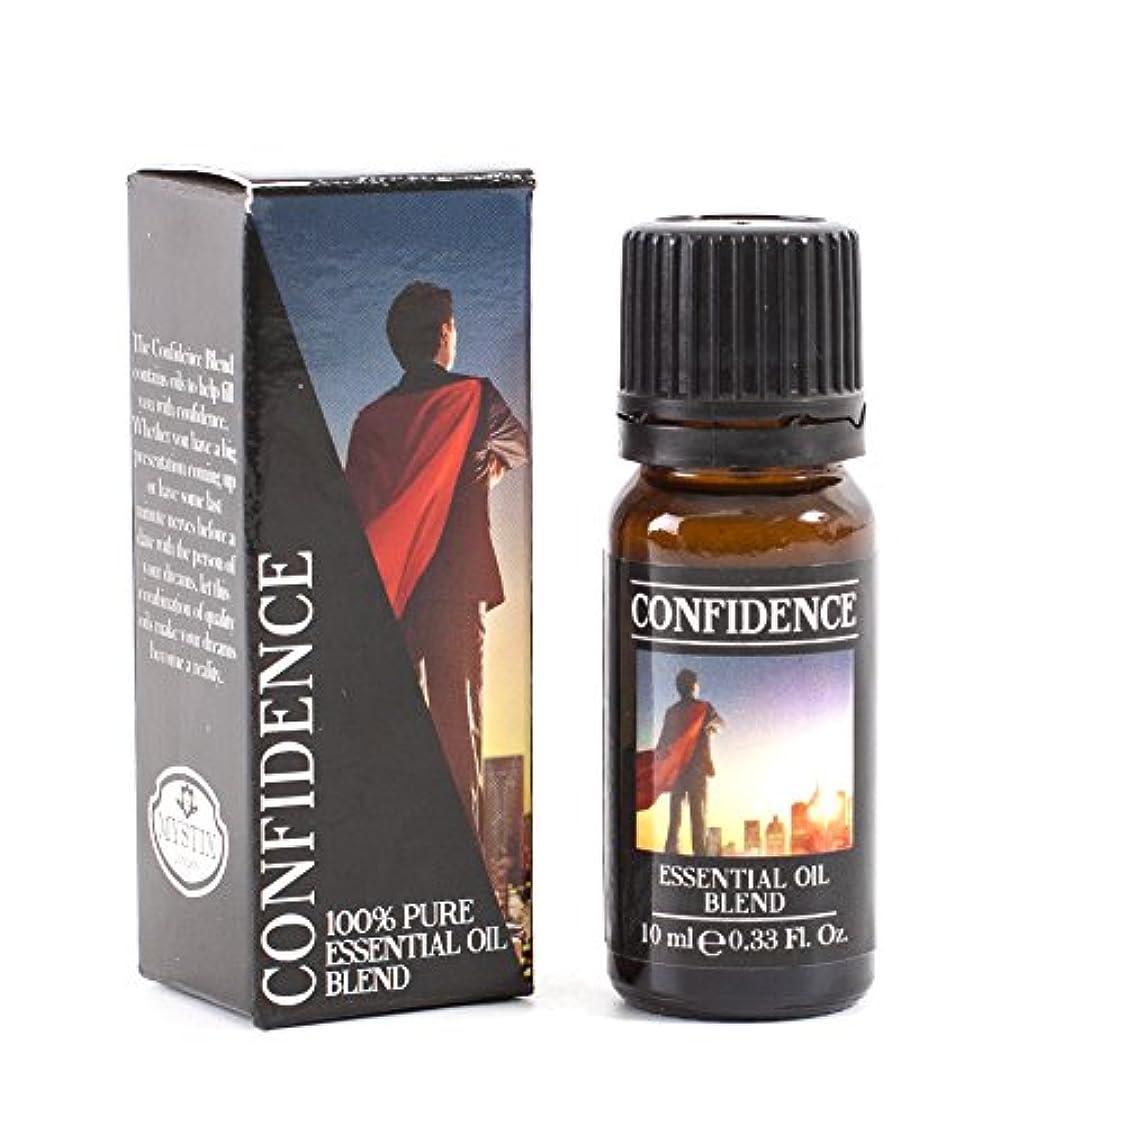 悔い改めマングル安らぎMystic Moments | Confidence Essential Oil Blend - 10ml - 100% Pure